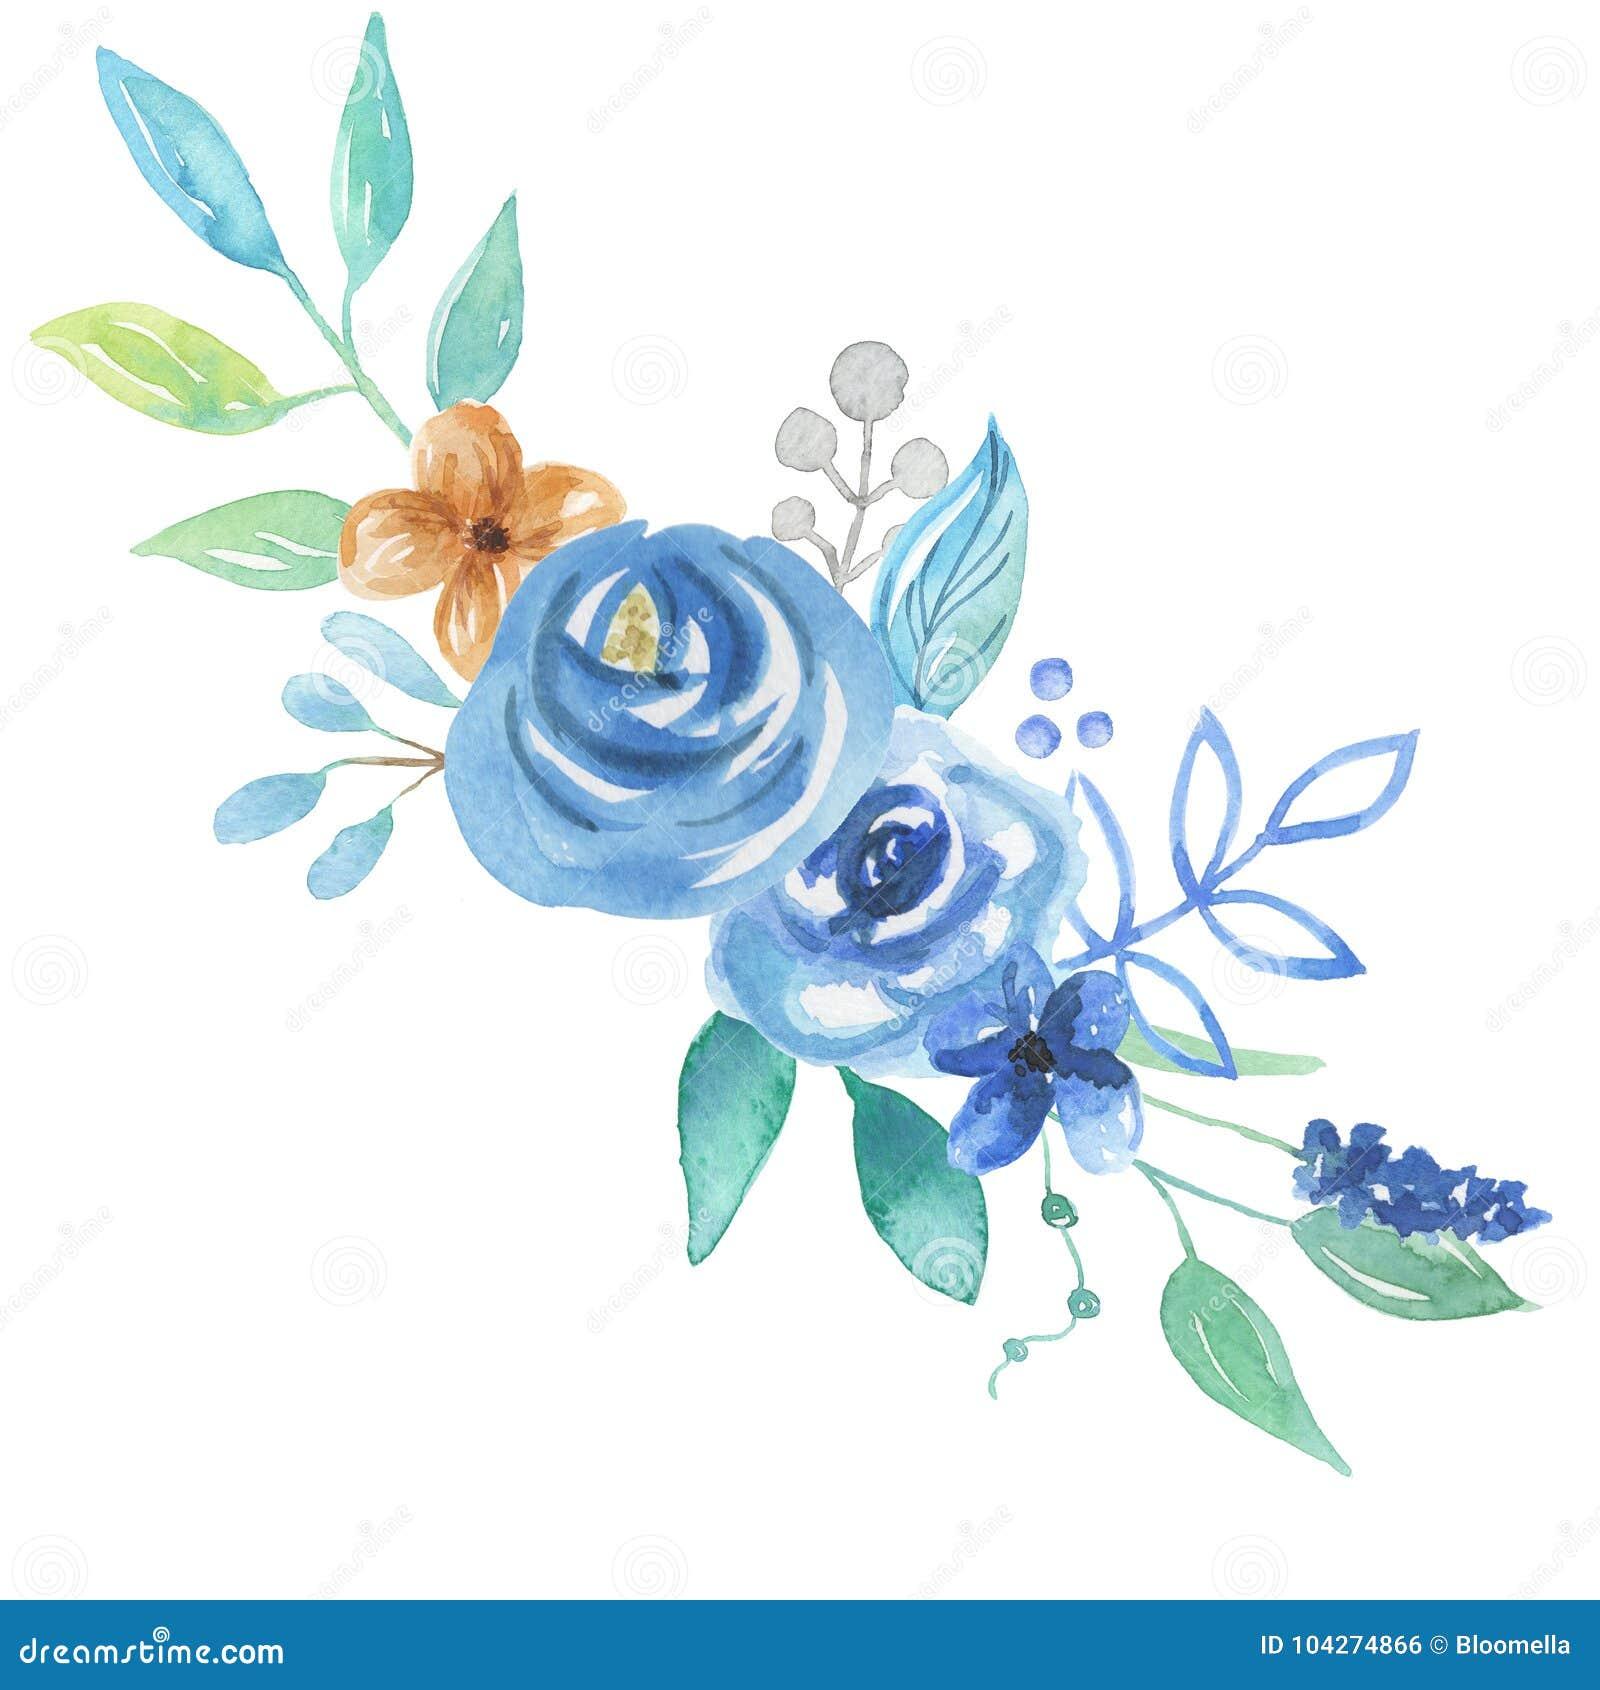 Watercolor Florals Blue Bouquet Berries Leaves Arrangement Wedding